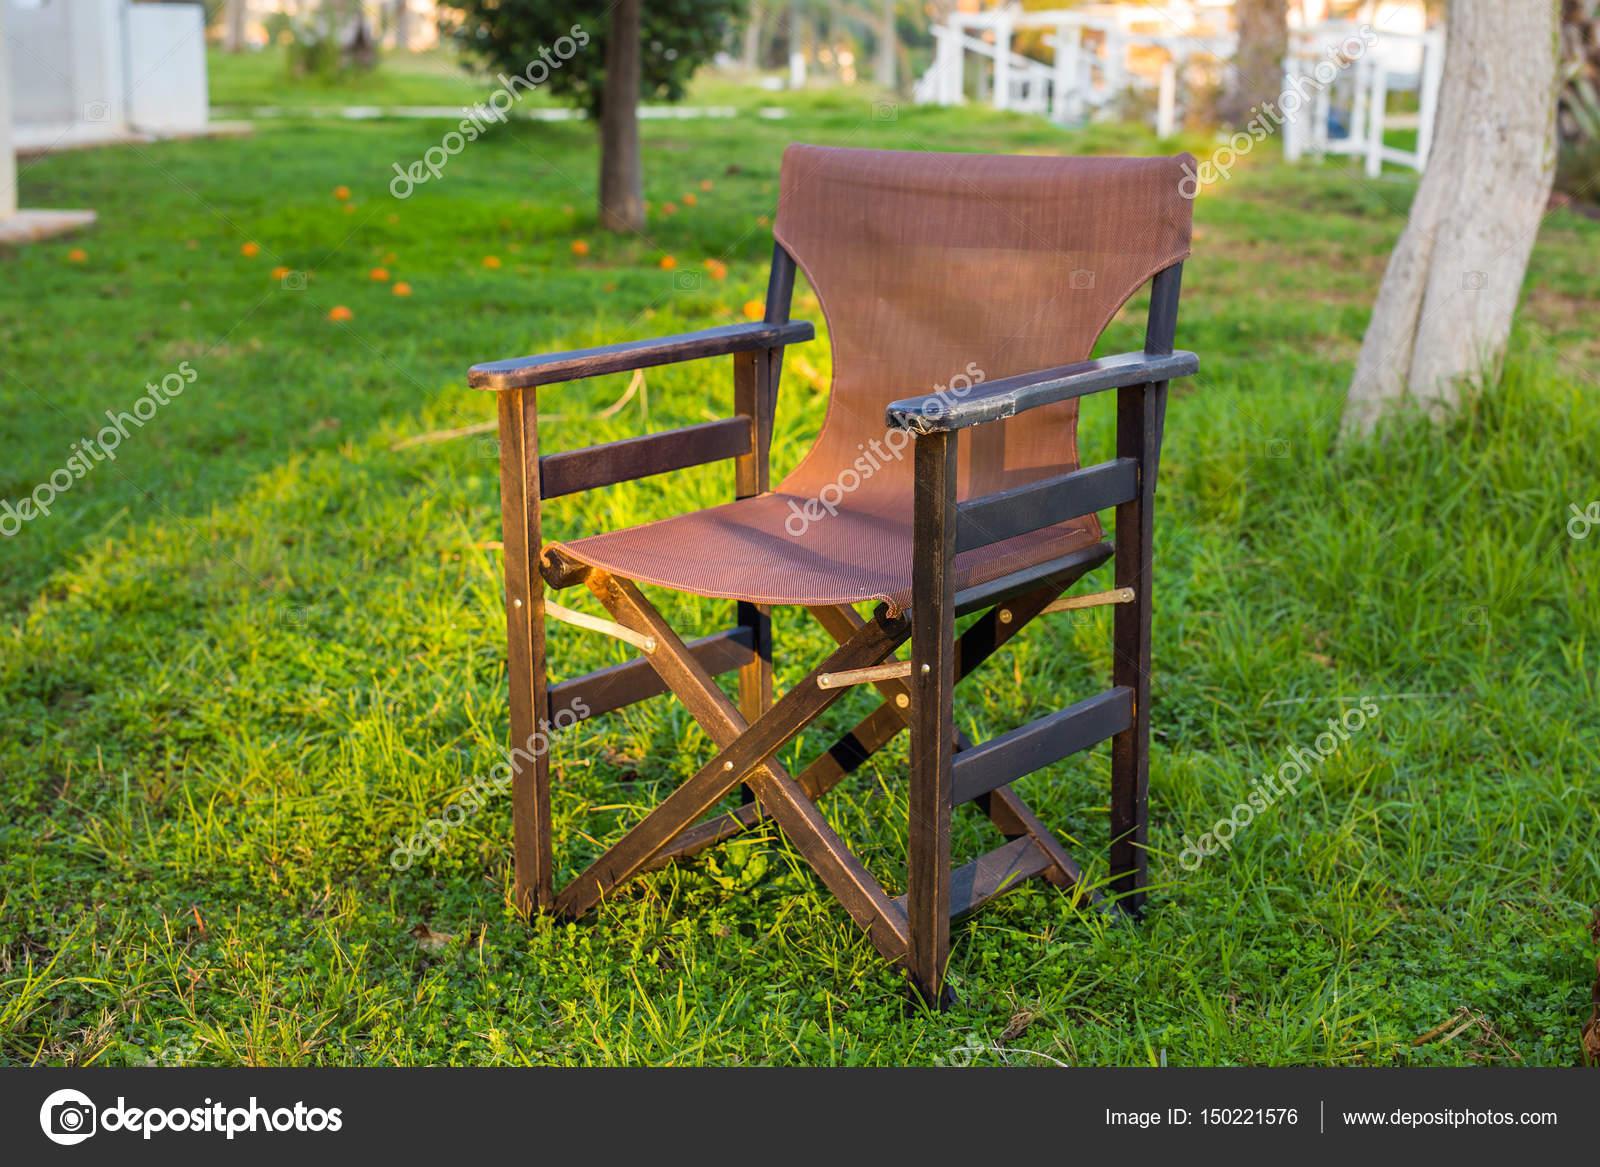 Muebles al aire libre. Silla de jardín del hotel le invitan a ...